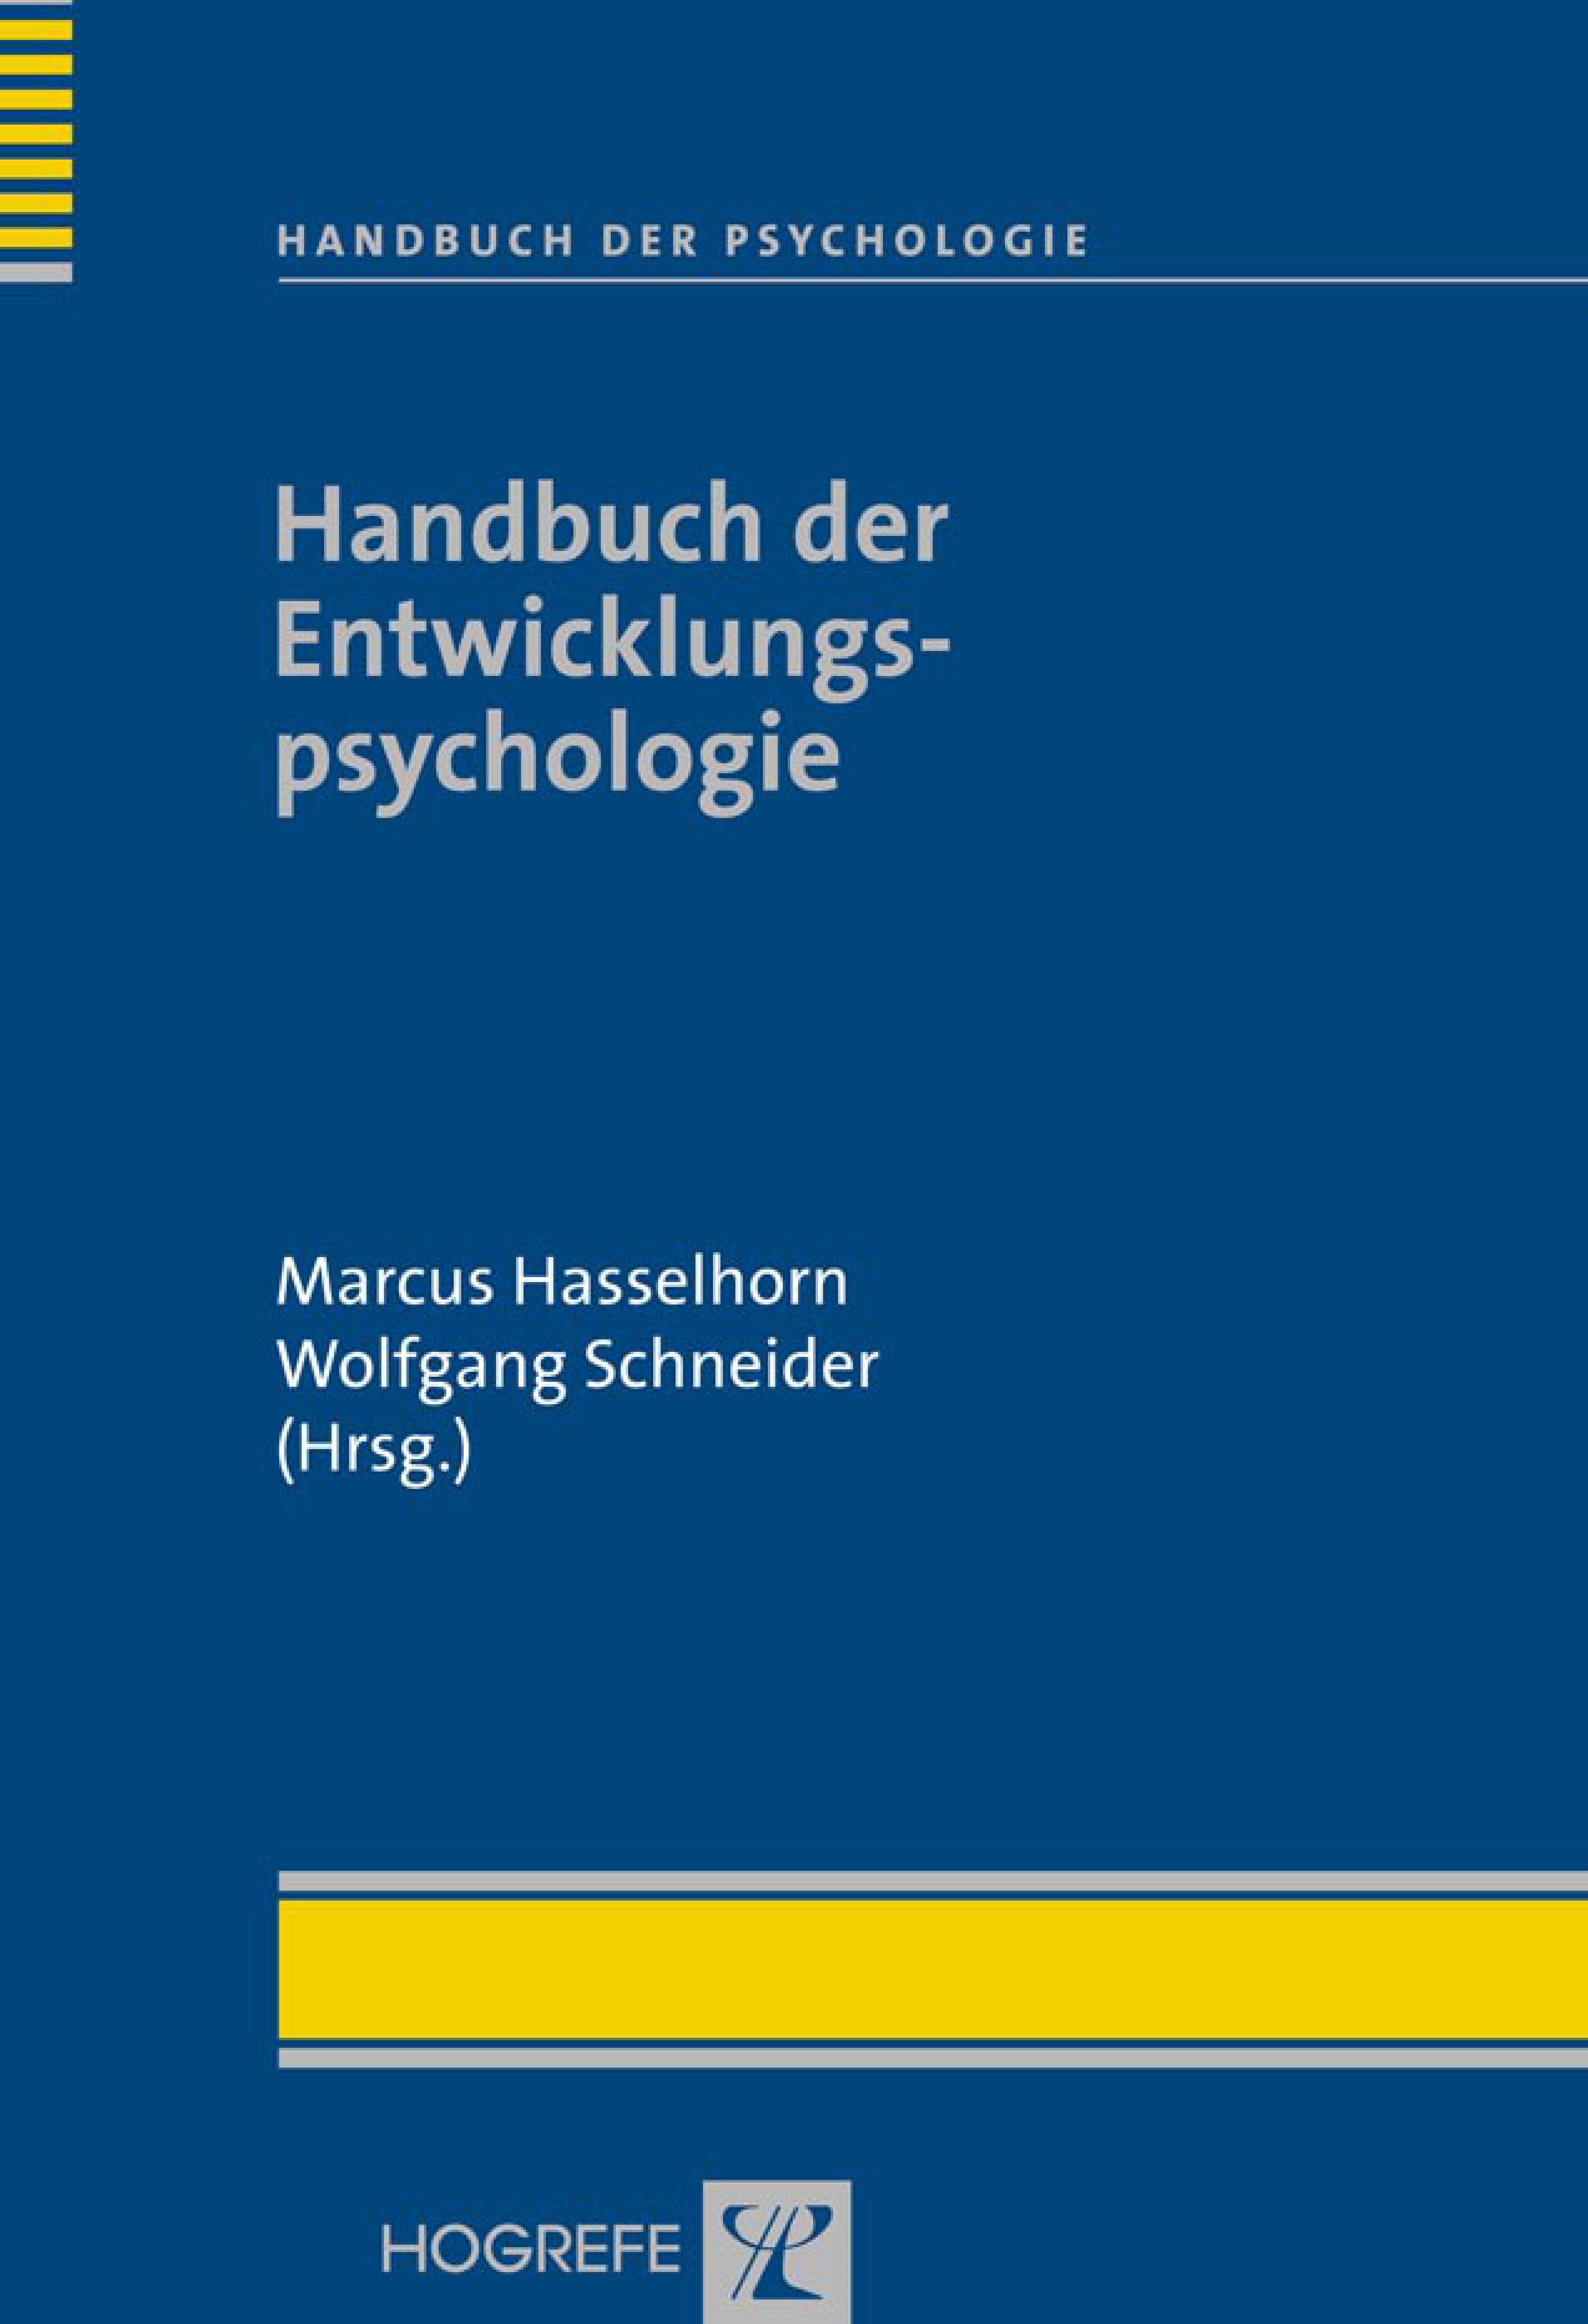 Handbuch der Entwicklungspsychologie Marcus Hasselhorn